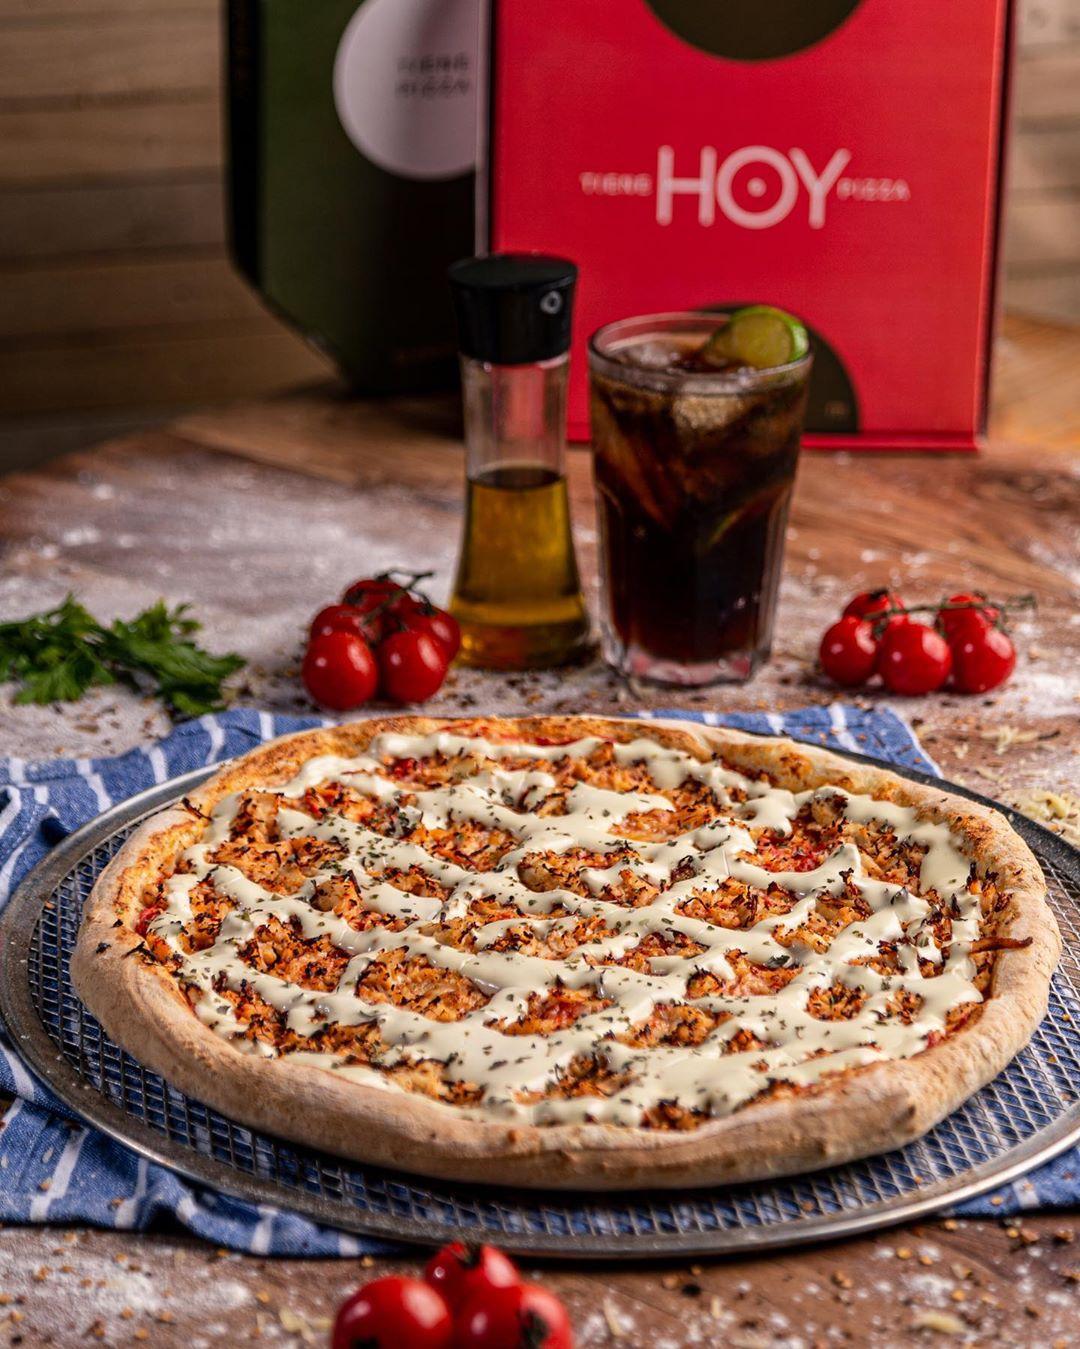 Super novidade no Barato! Pizza Artesanal de 35cm (8 fatias) de até R$35 por apenas R$25,90 na Hoy Pizzas